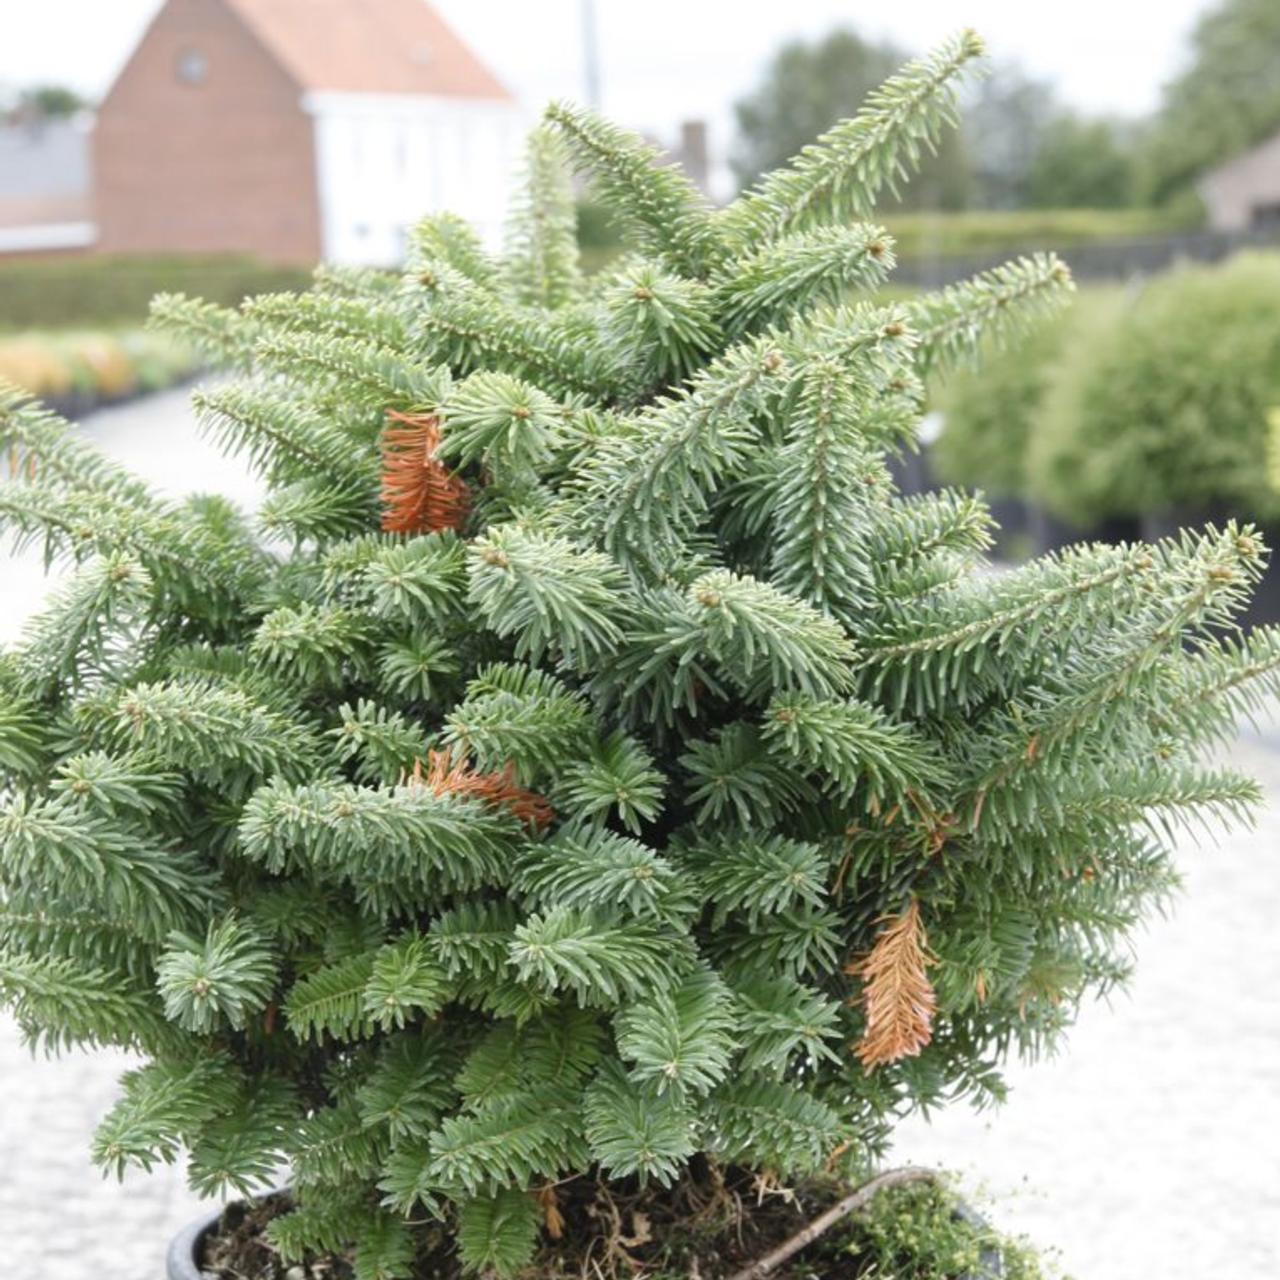 Abies balsamea 'Nana' plant